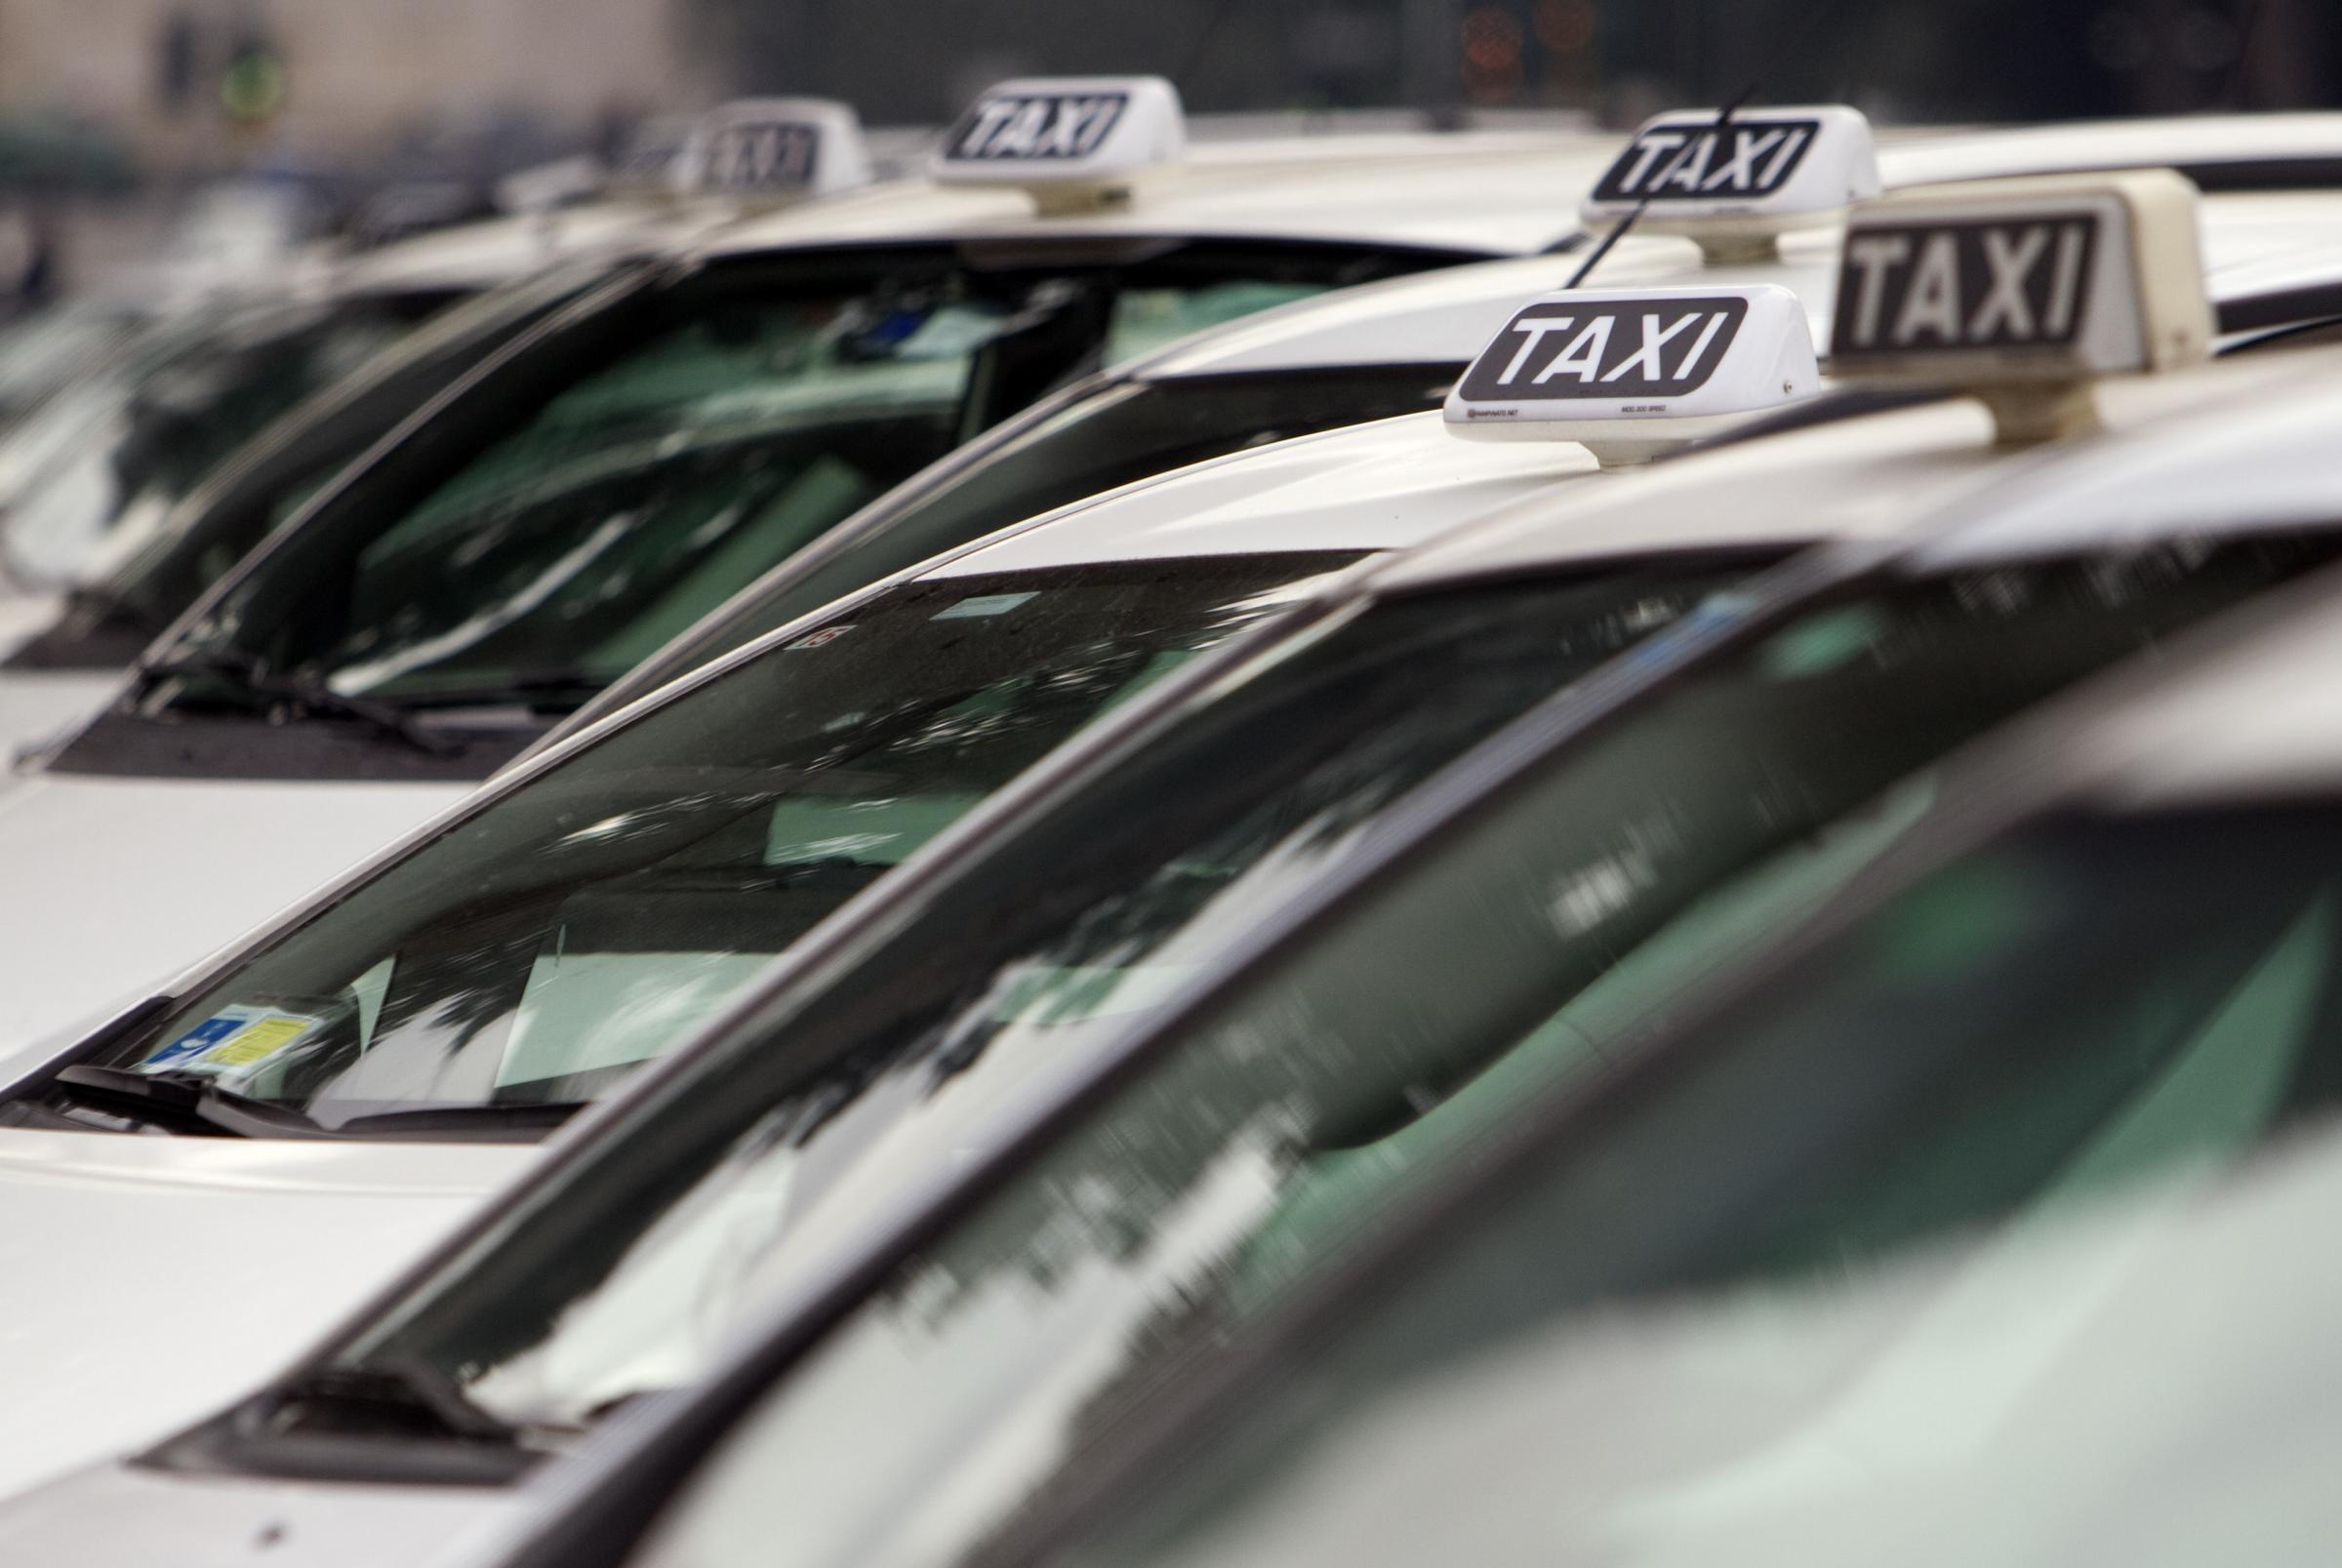 Alla rincorsa di Uber i tassisti lanciano le loro app  Wired